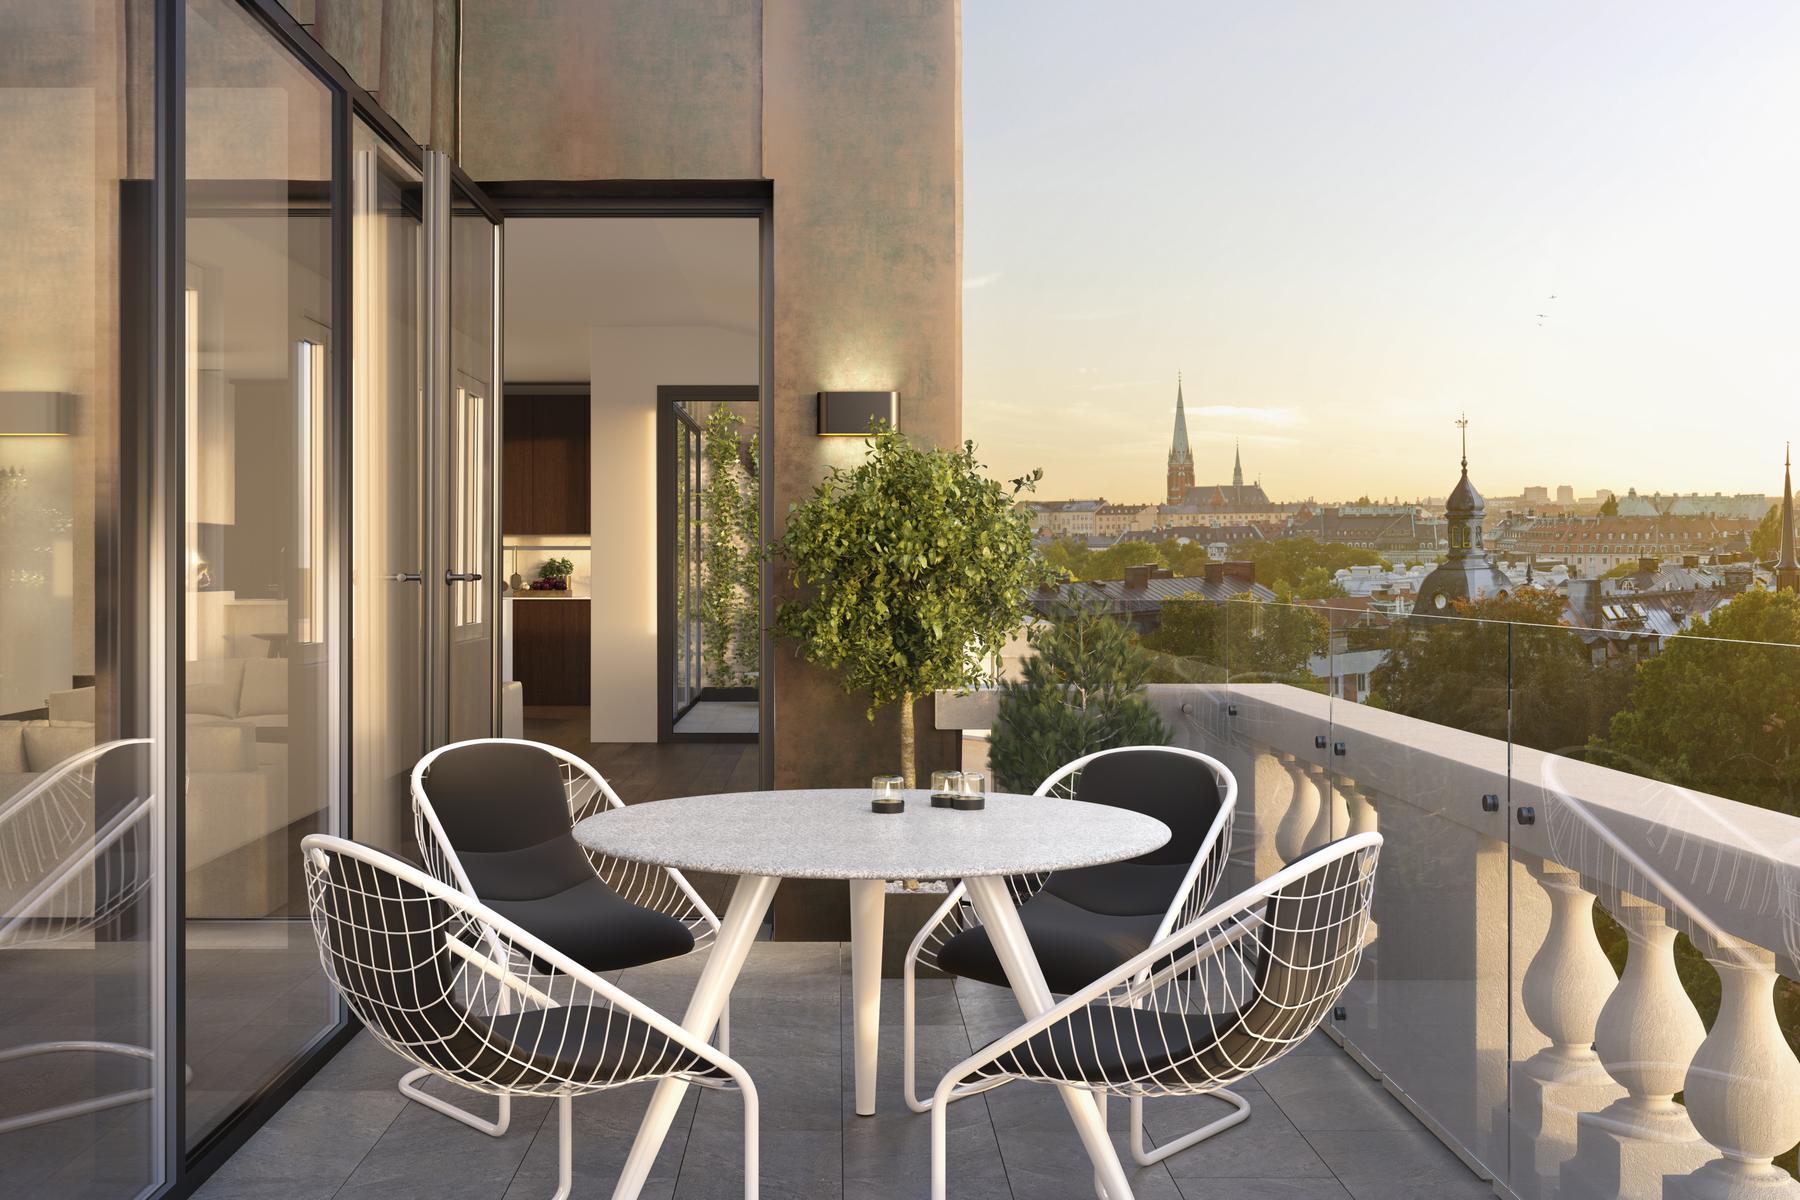 Apartamento para Venda às Sturegatan 58 Stockholm, Stockholm, 114 36 Suécia